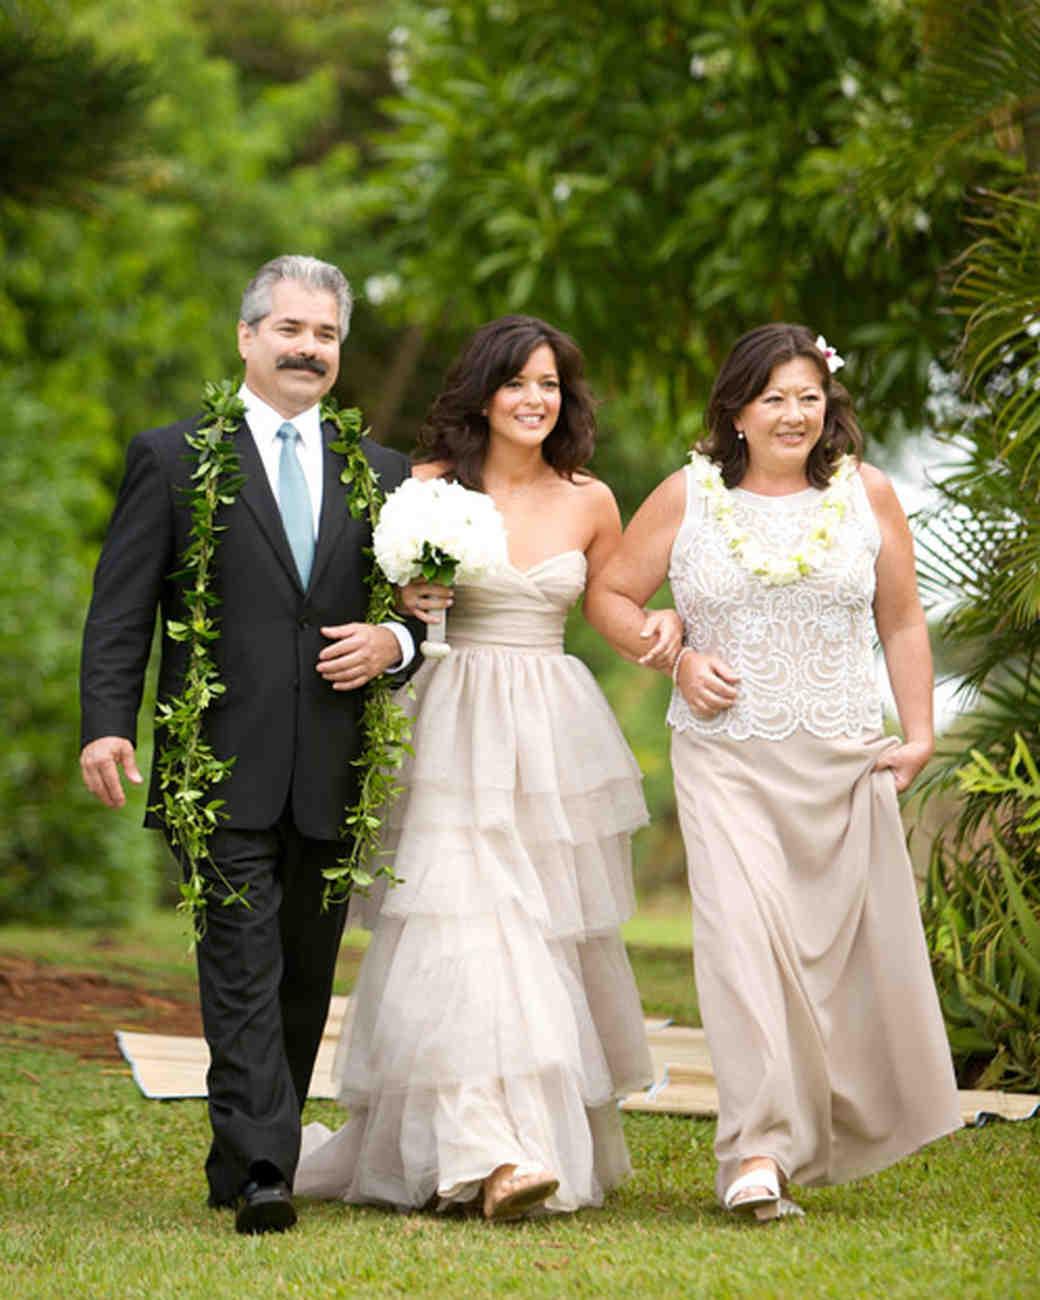 Weddings In Hawaii: An All-Natural Beach Destination Wedding In Hawaii